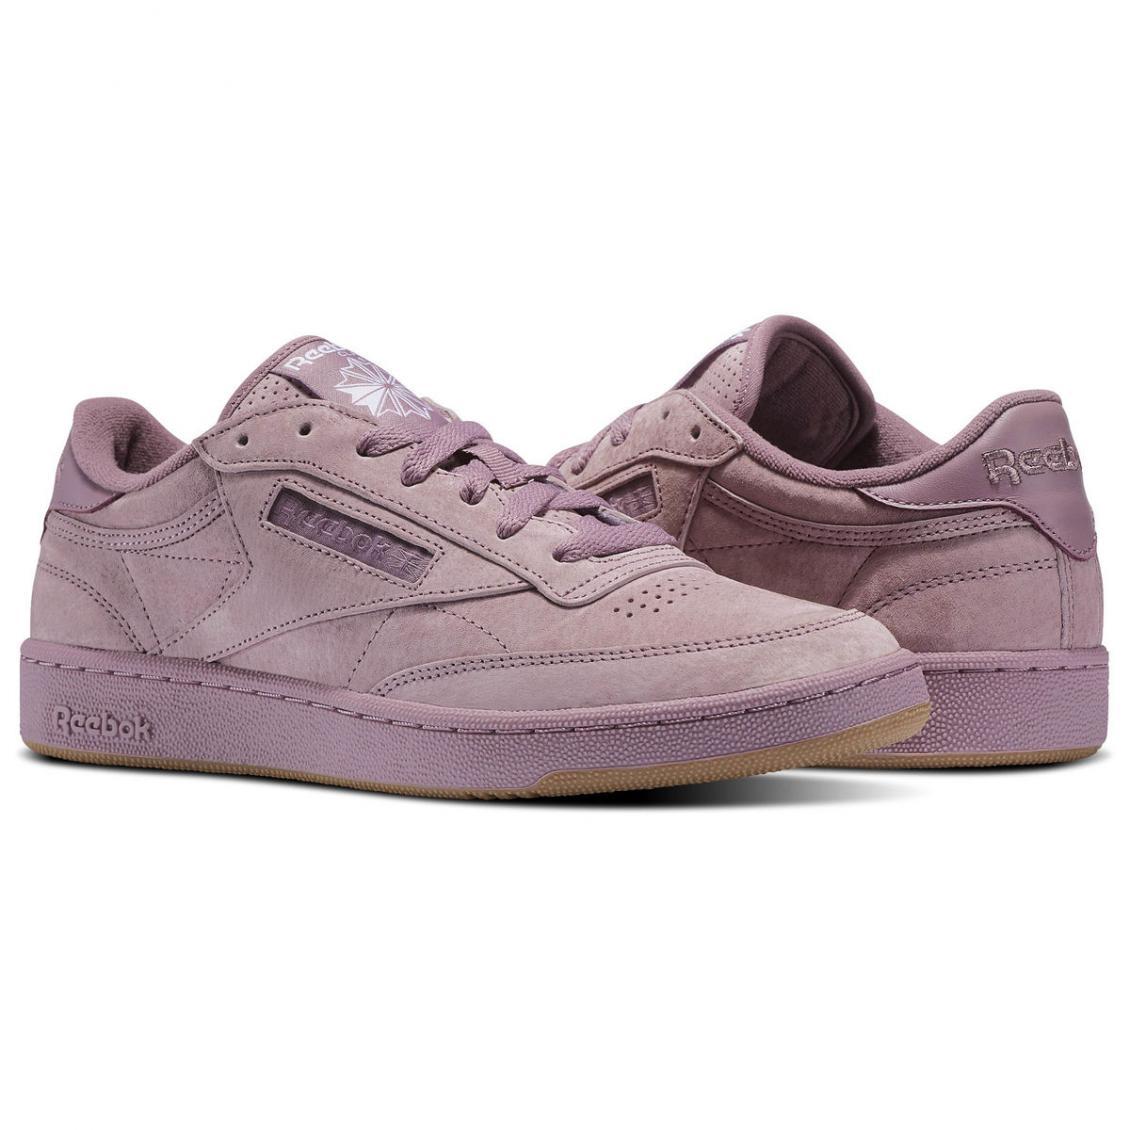 purple reebok Online Shopping for Women